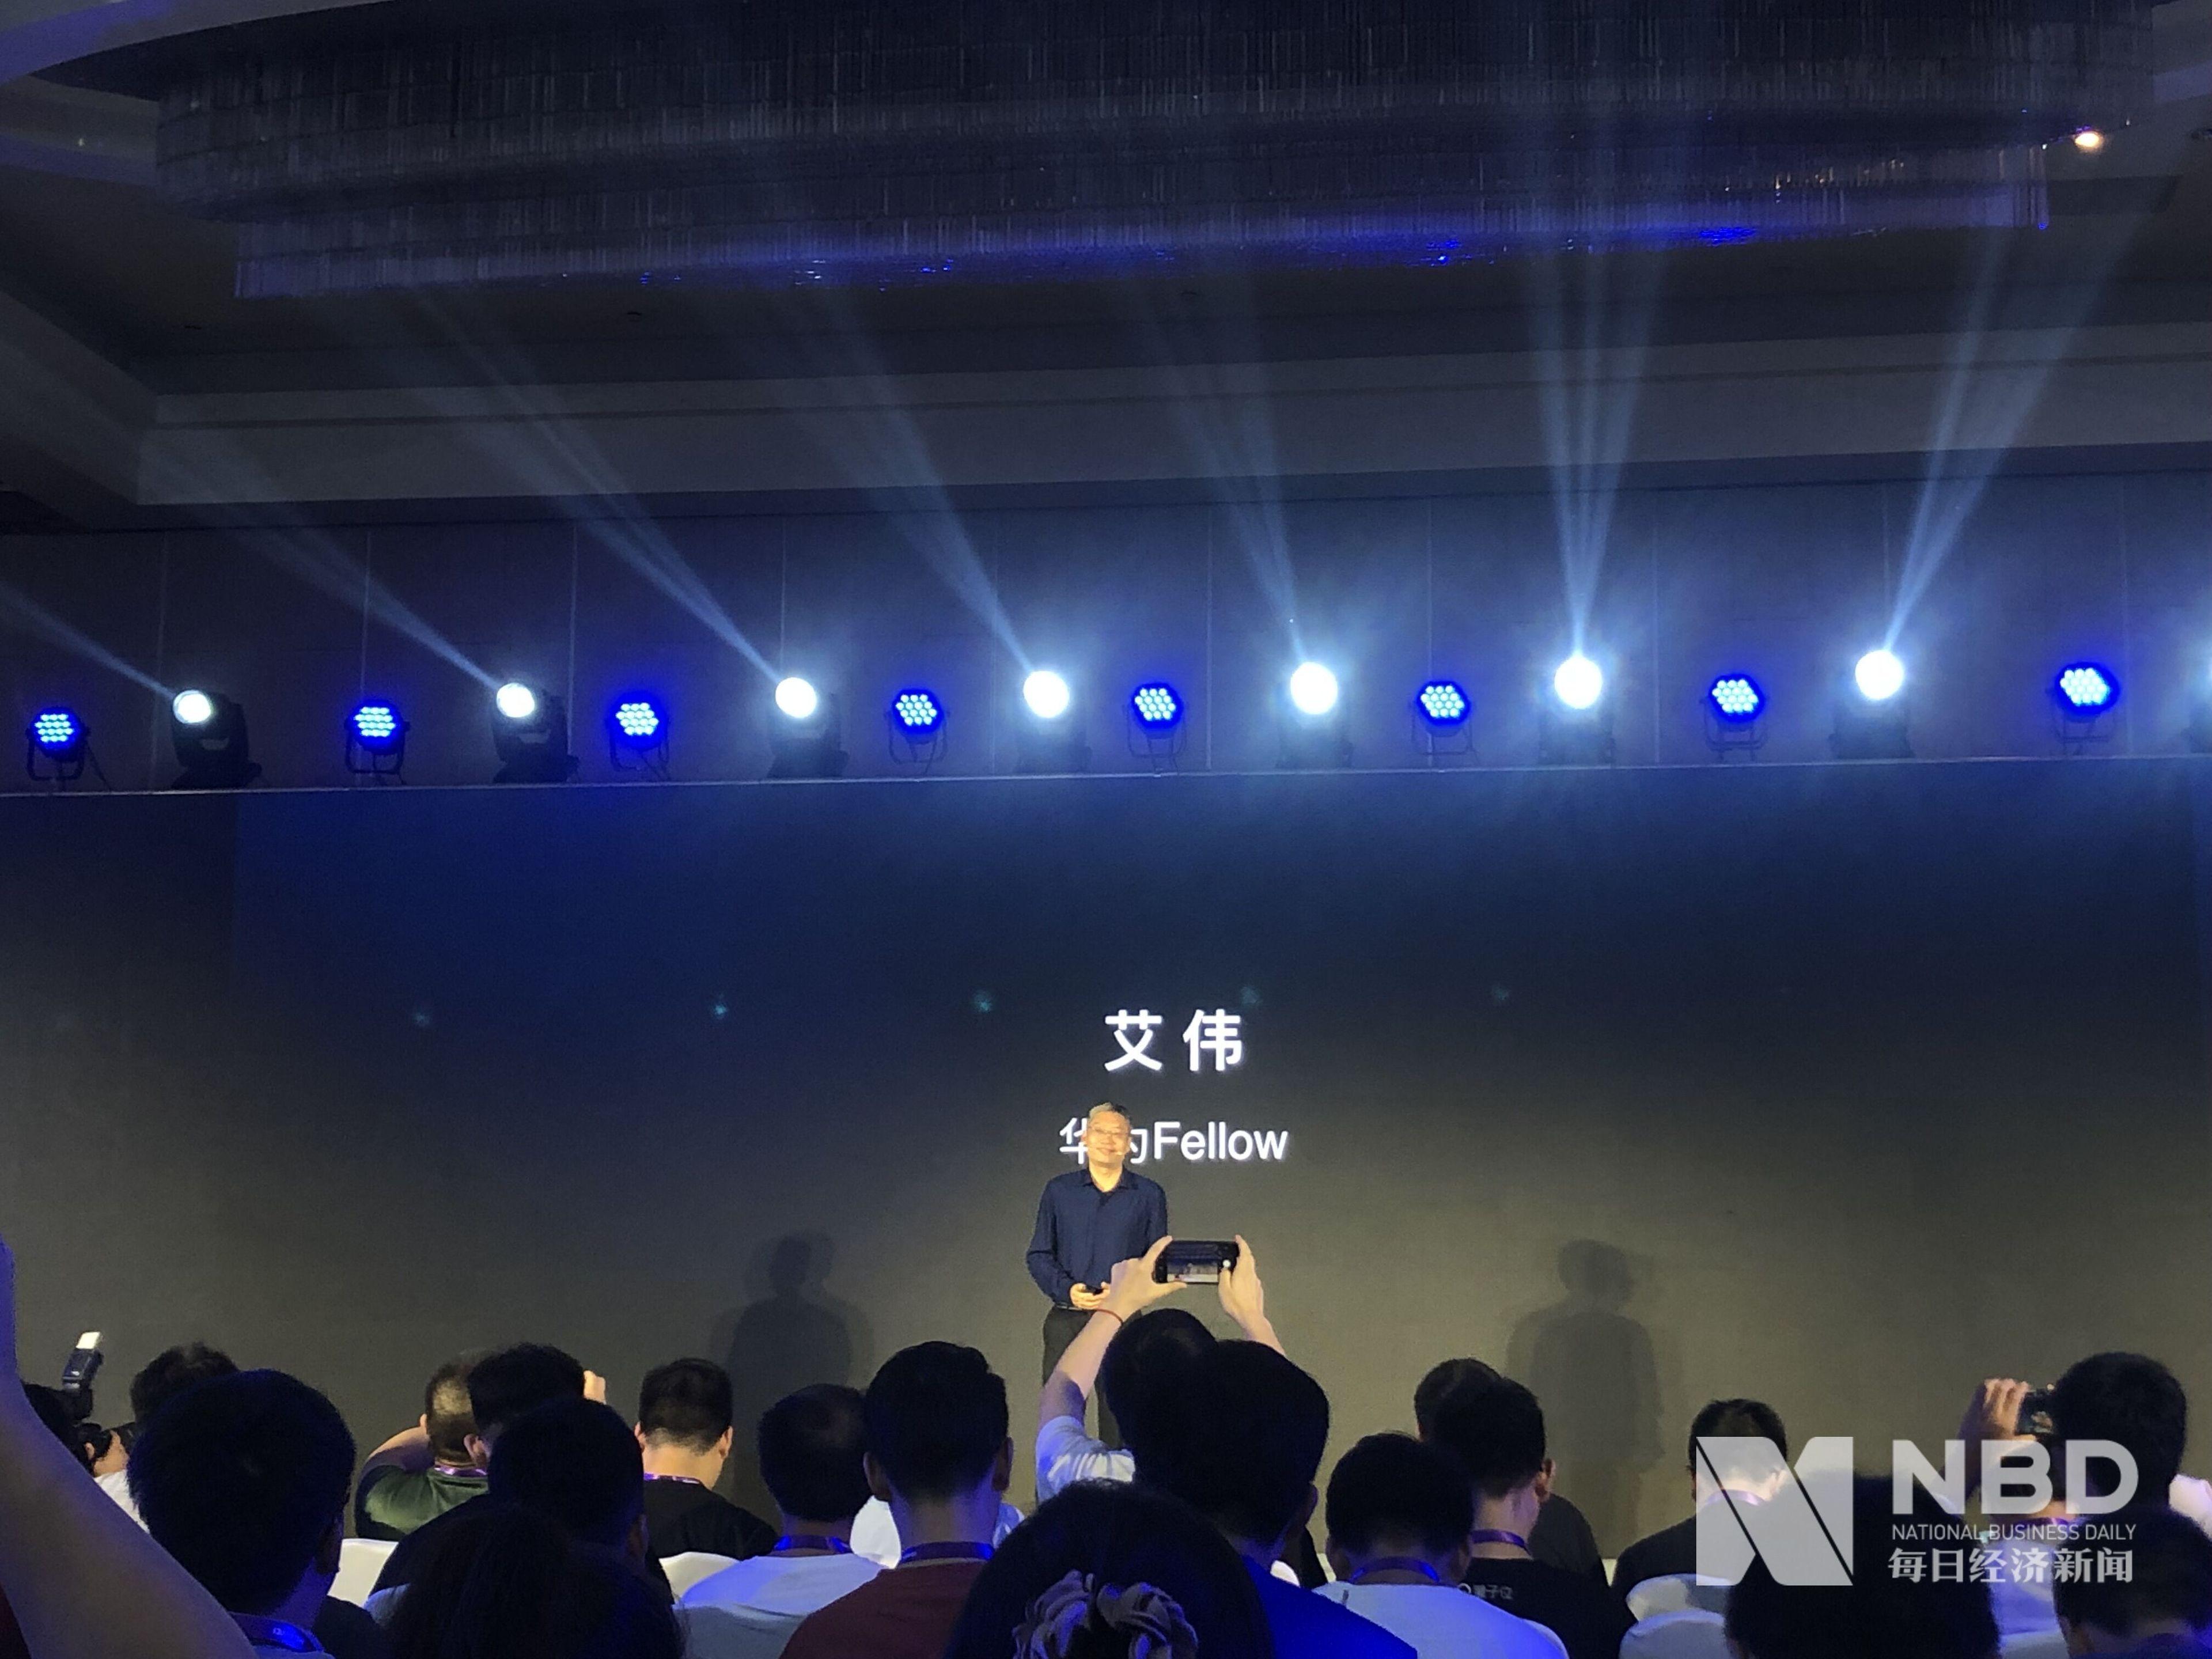 三星华为5G集成芯片相继发布 谁才是首款商用